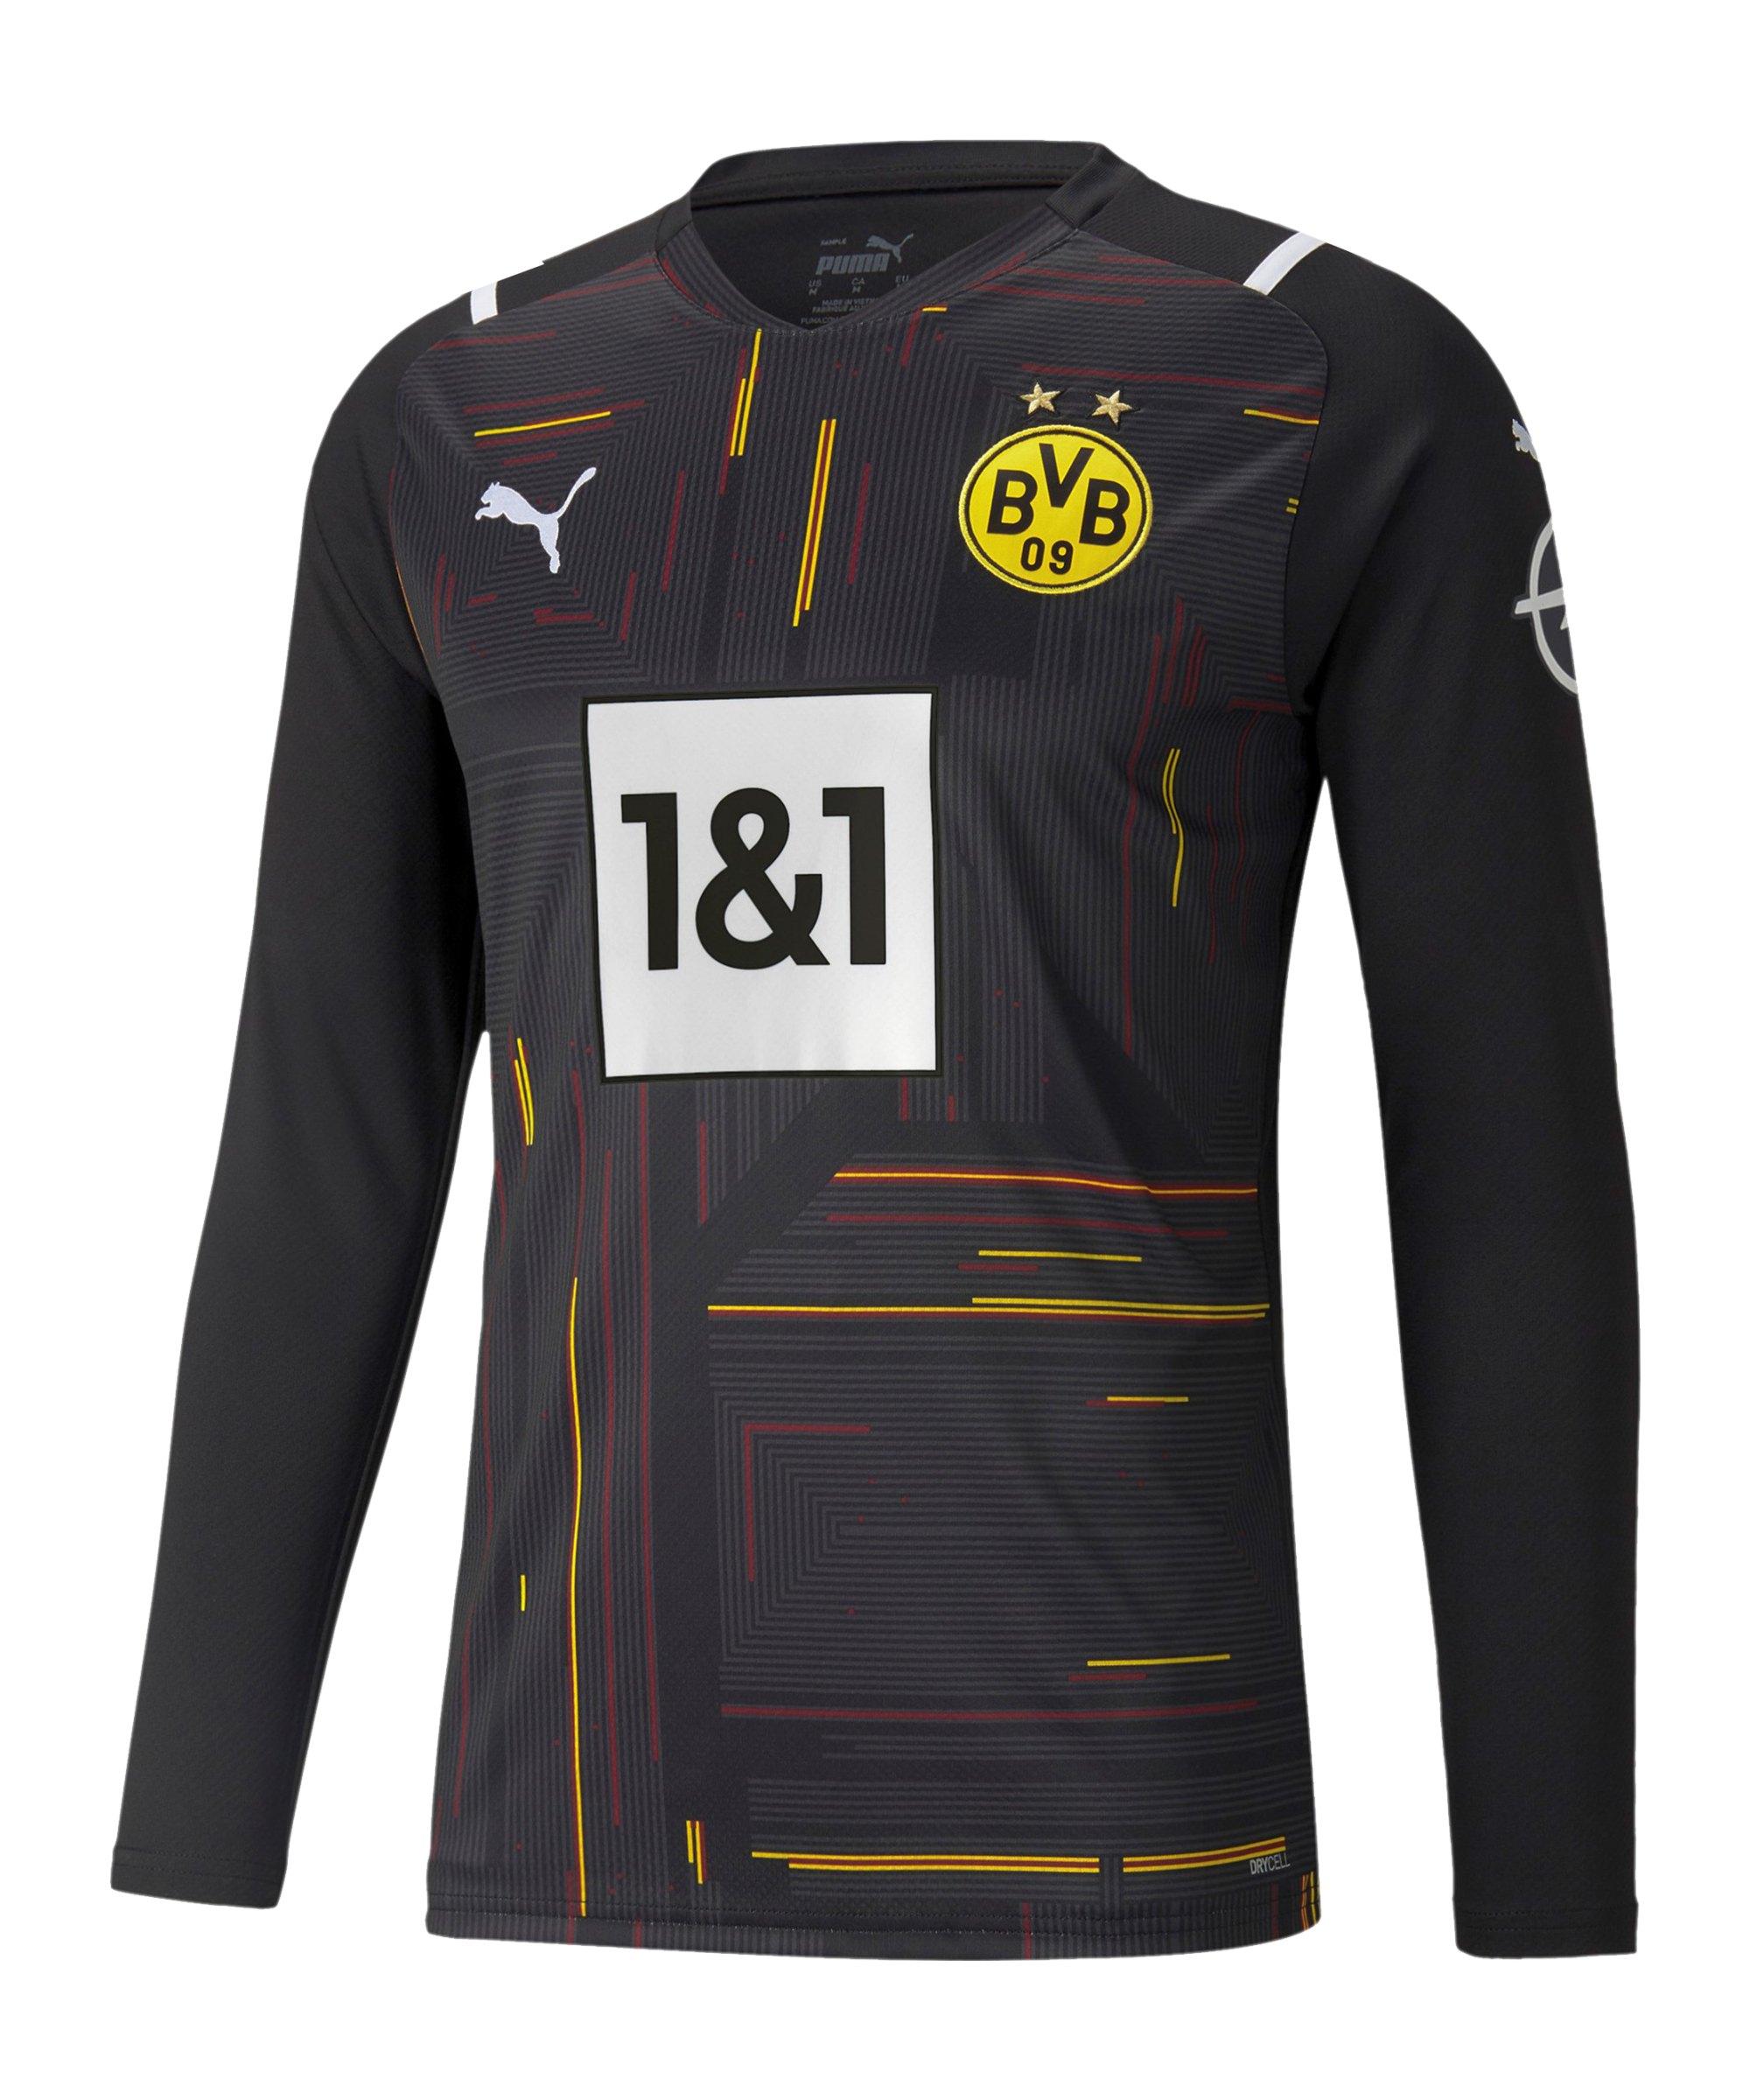 PUMA BVB Dortmund Torwarttrikot 2021/2022 Schwarz Weiss F49 - schwarz